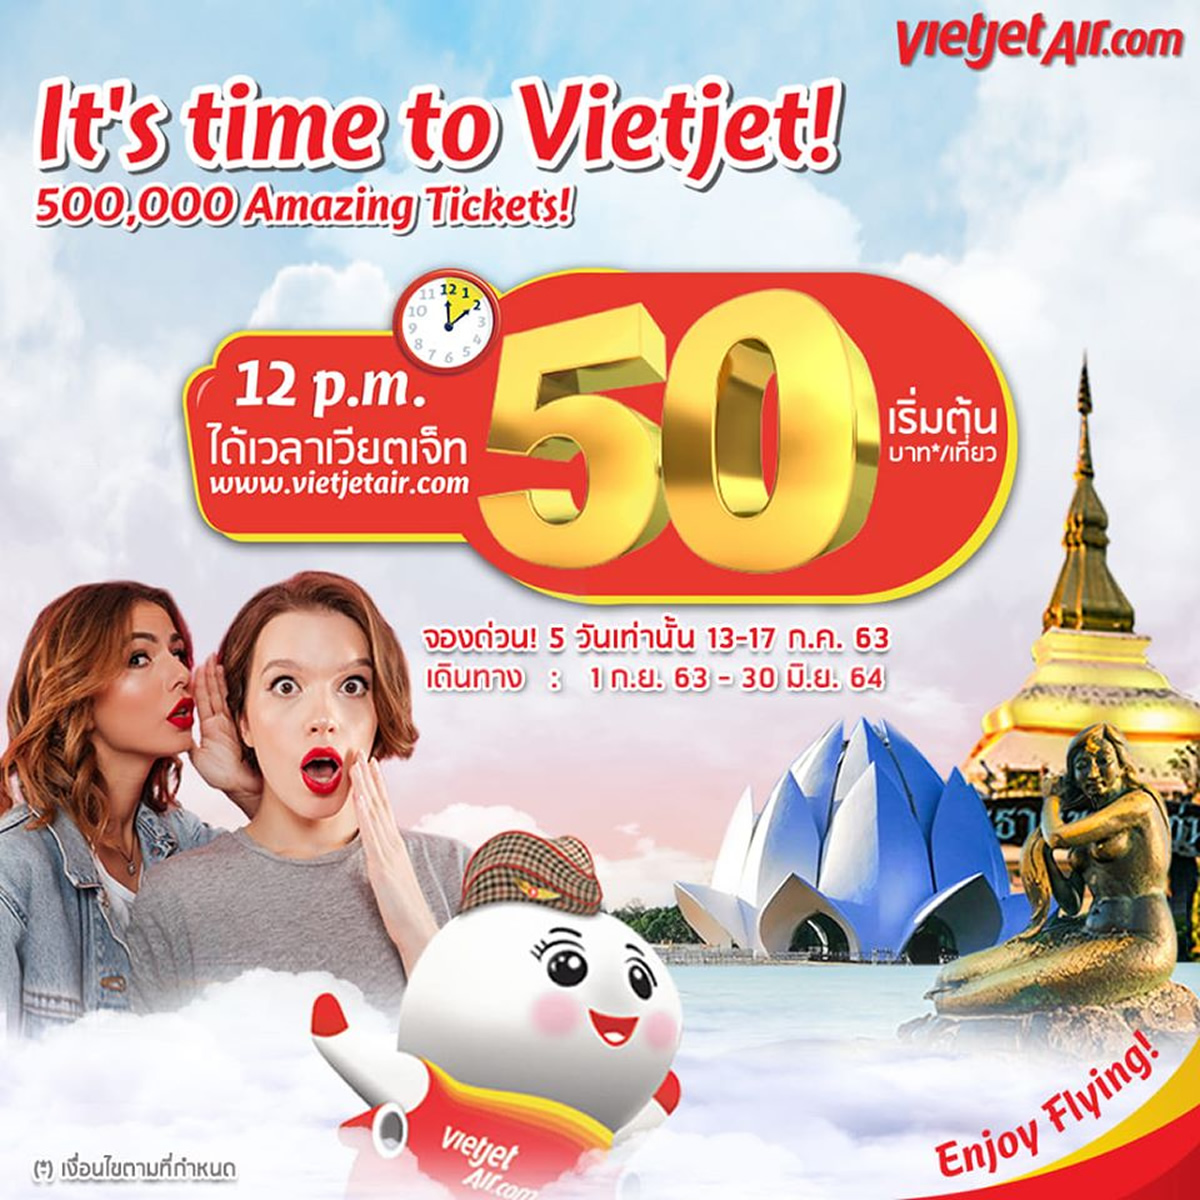 タイ・ベトジェットが片道50バーツ50万席のプロモ、5日間で時間限定